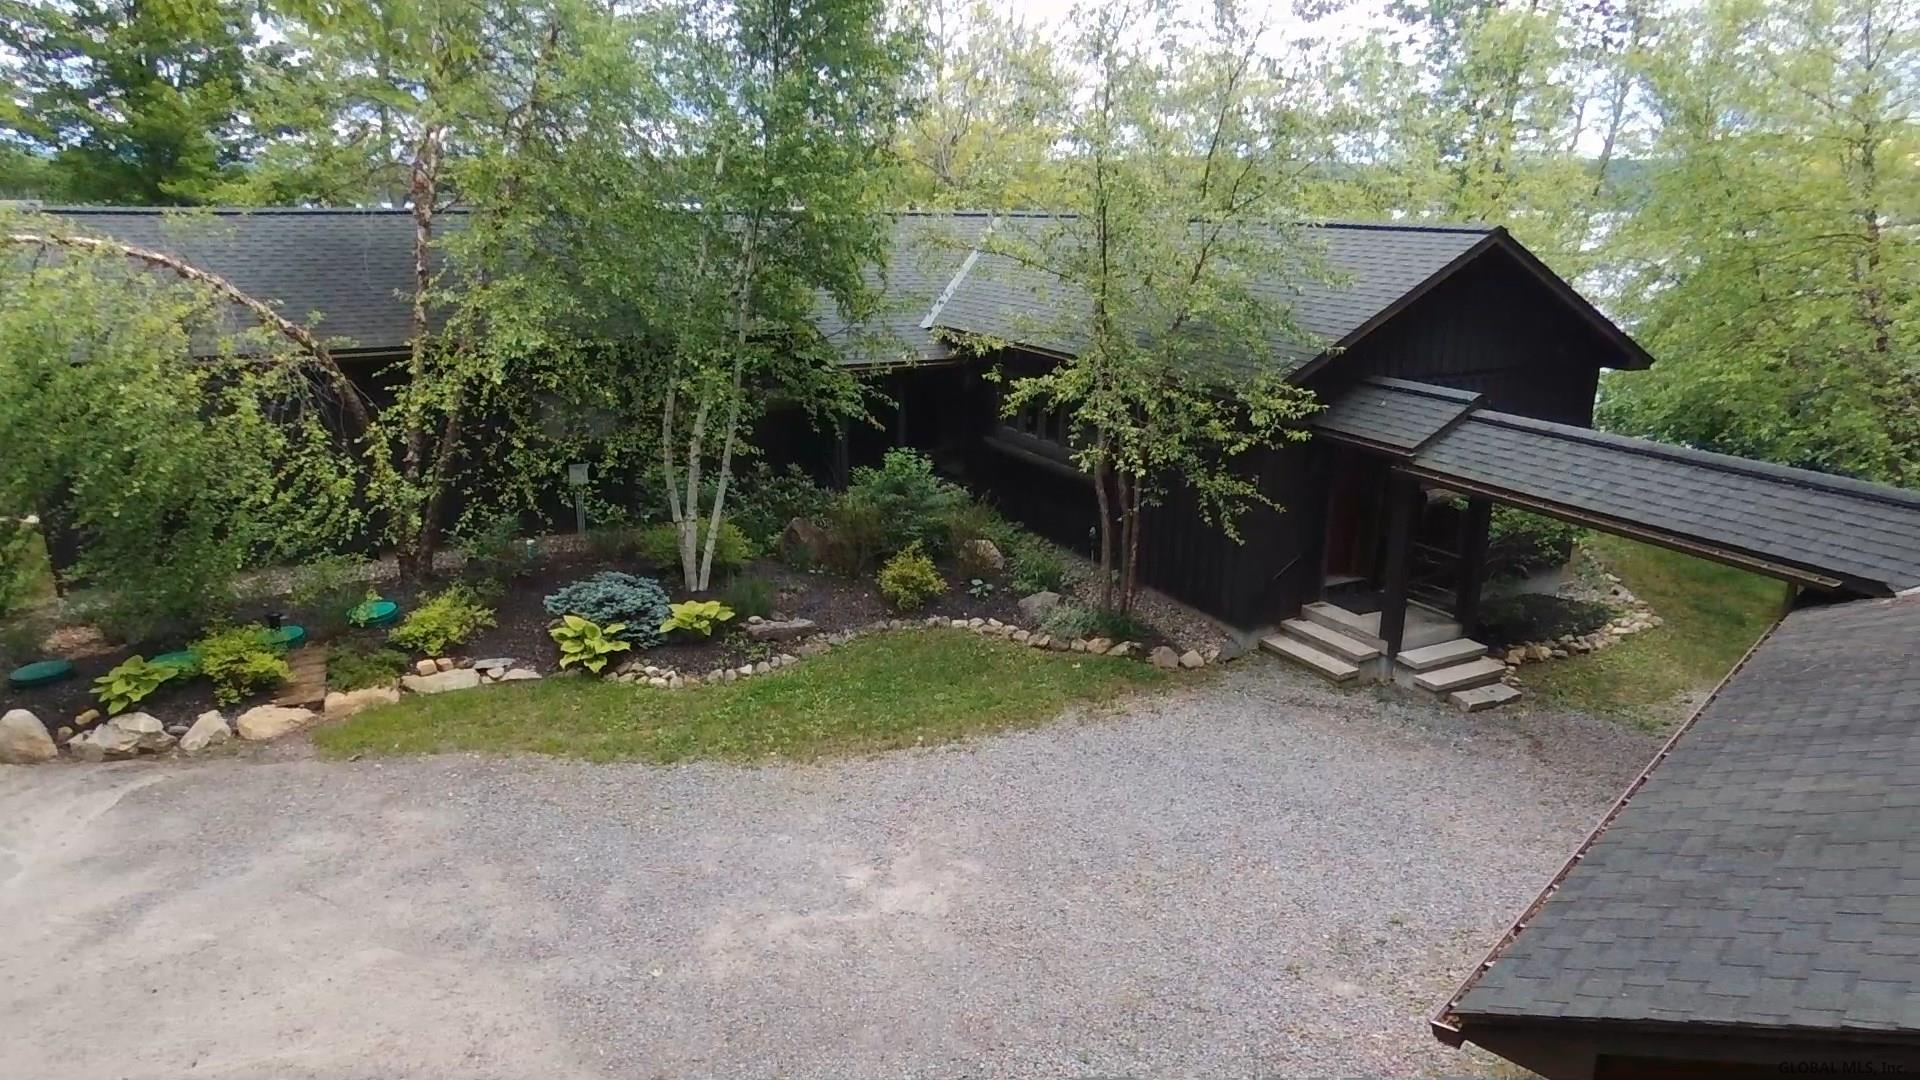 Gloversville image 37